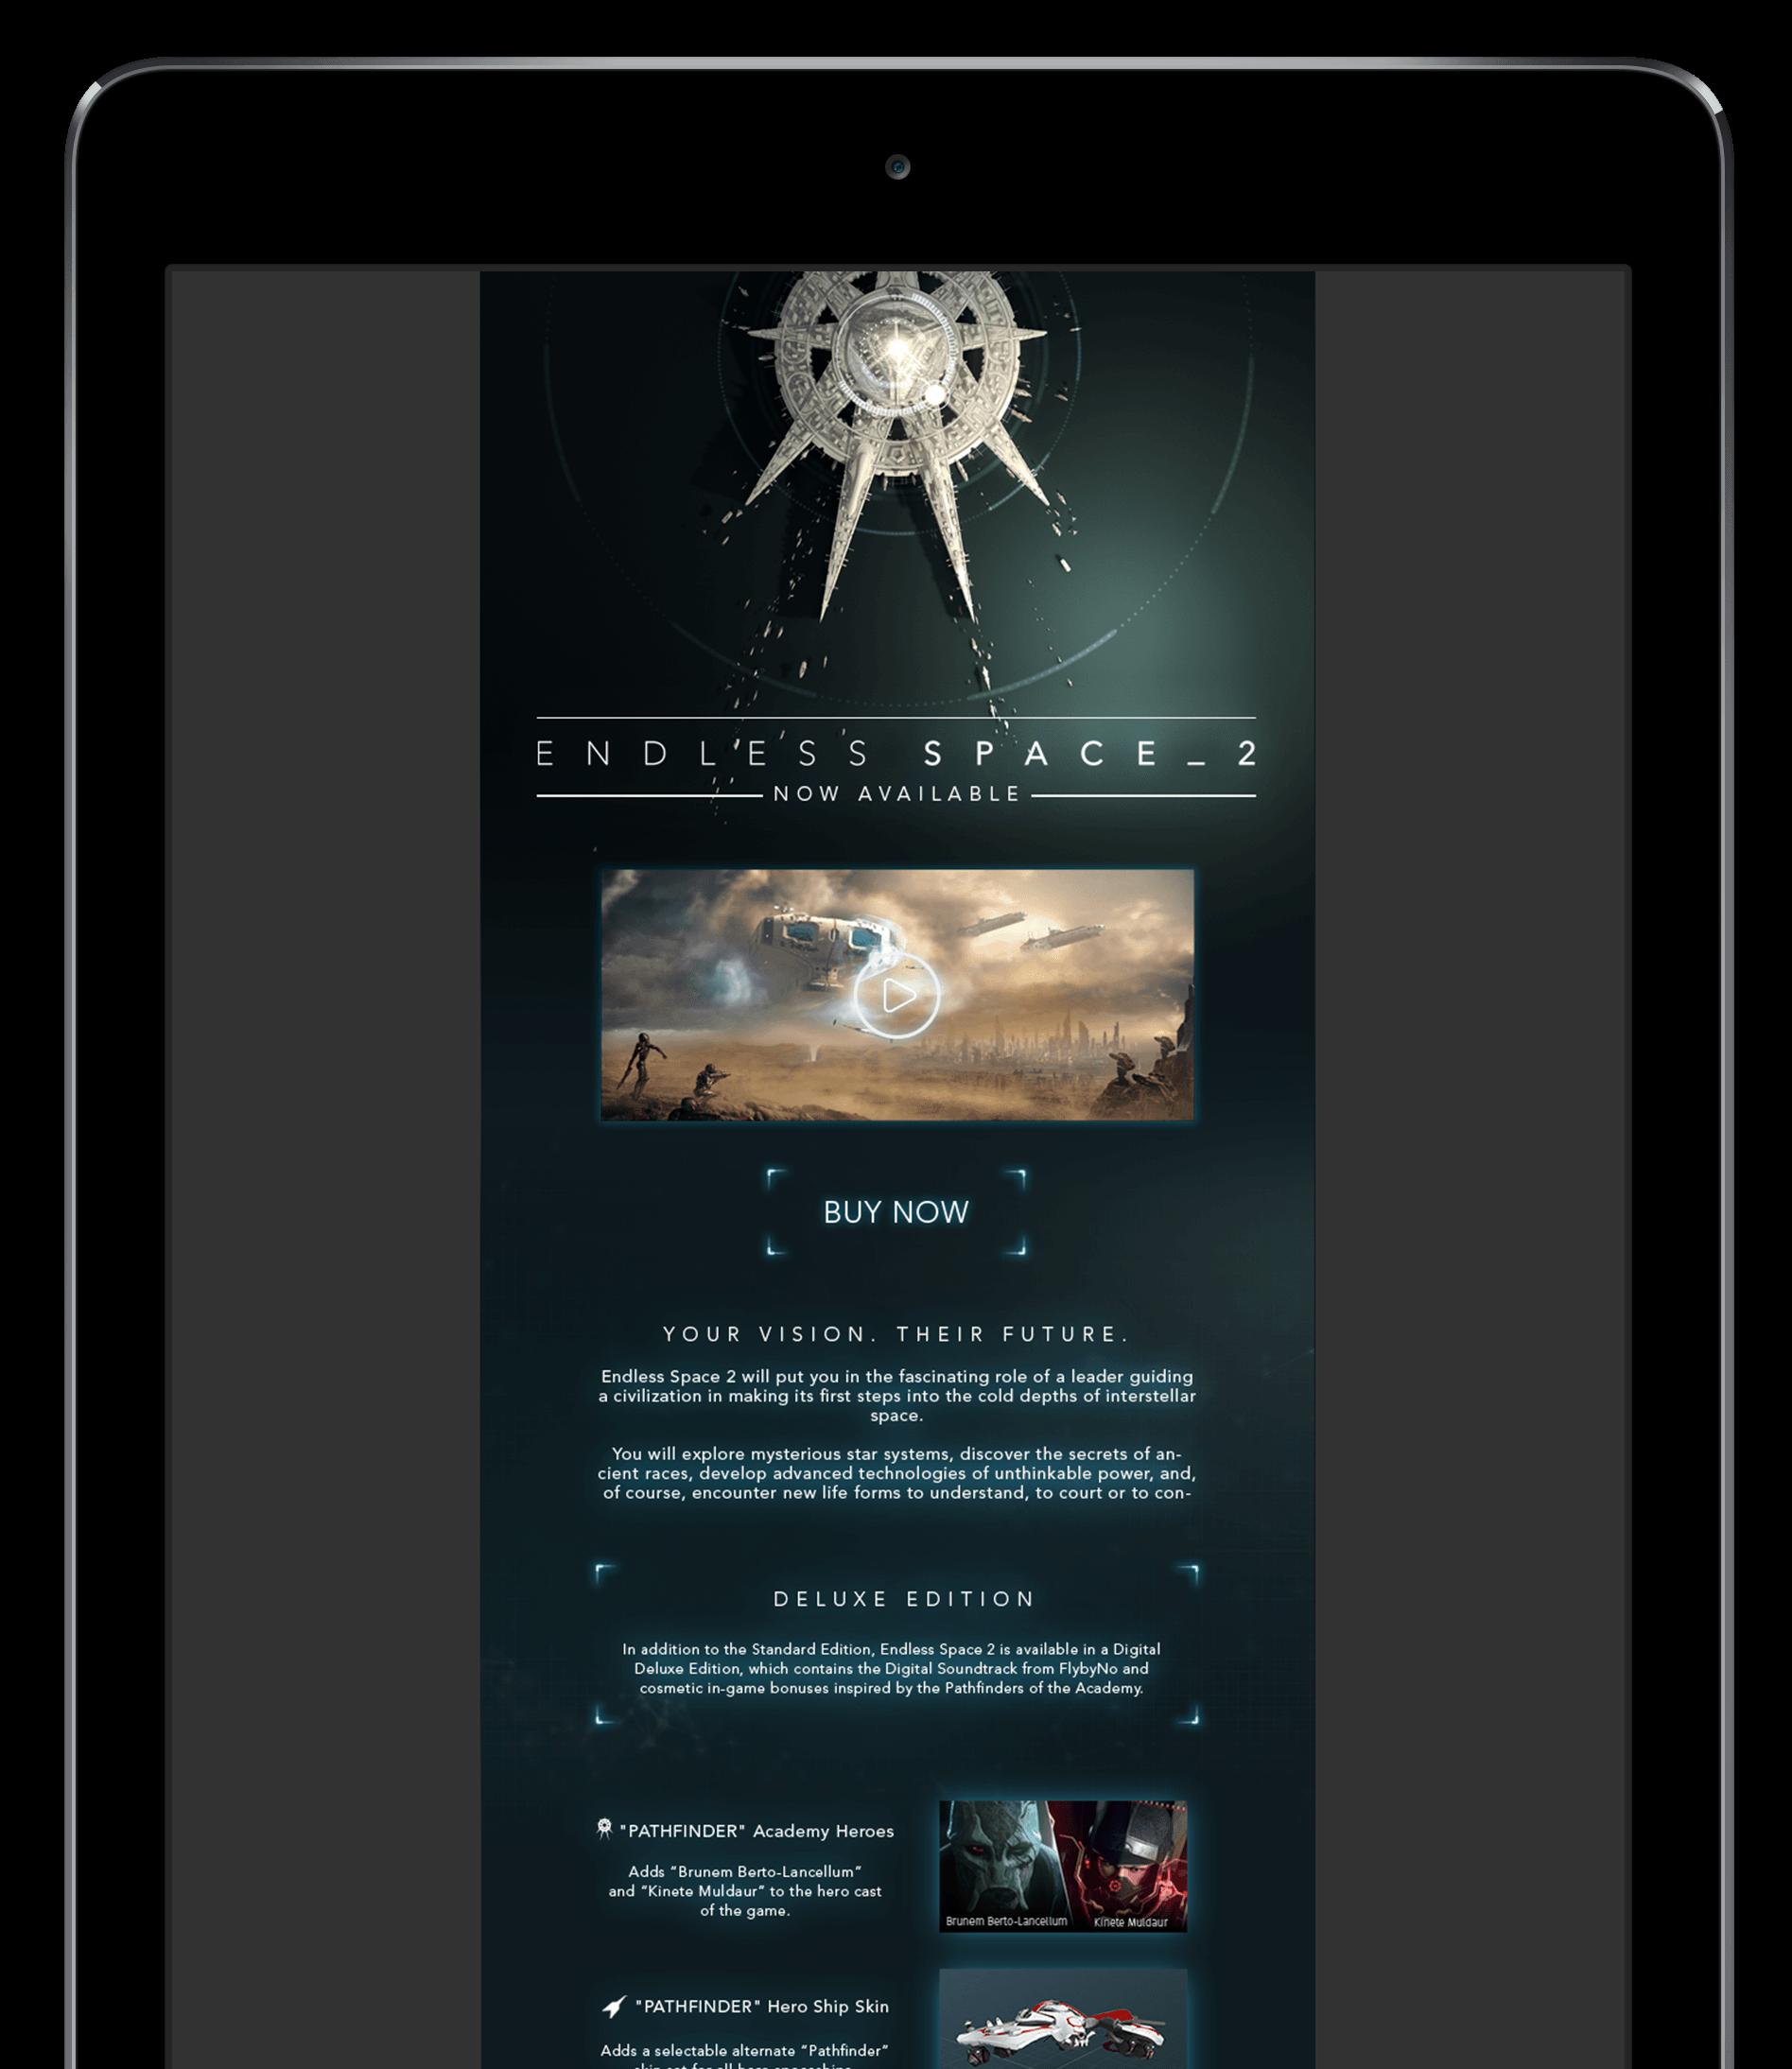 Infolettre pour Endless Space 2